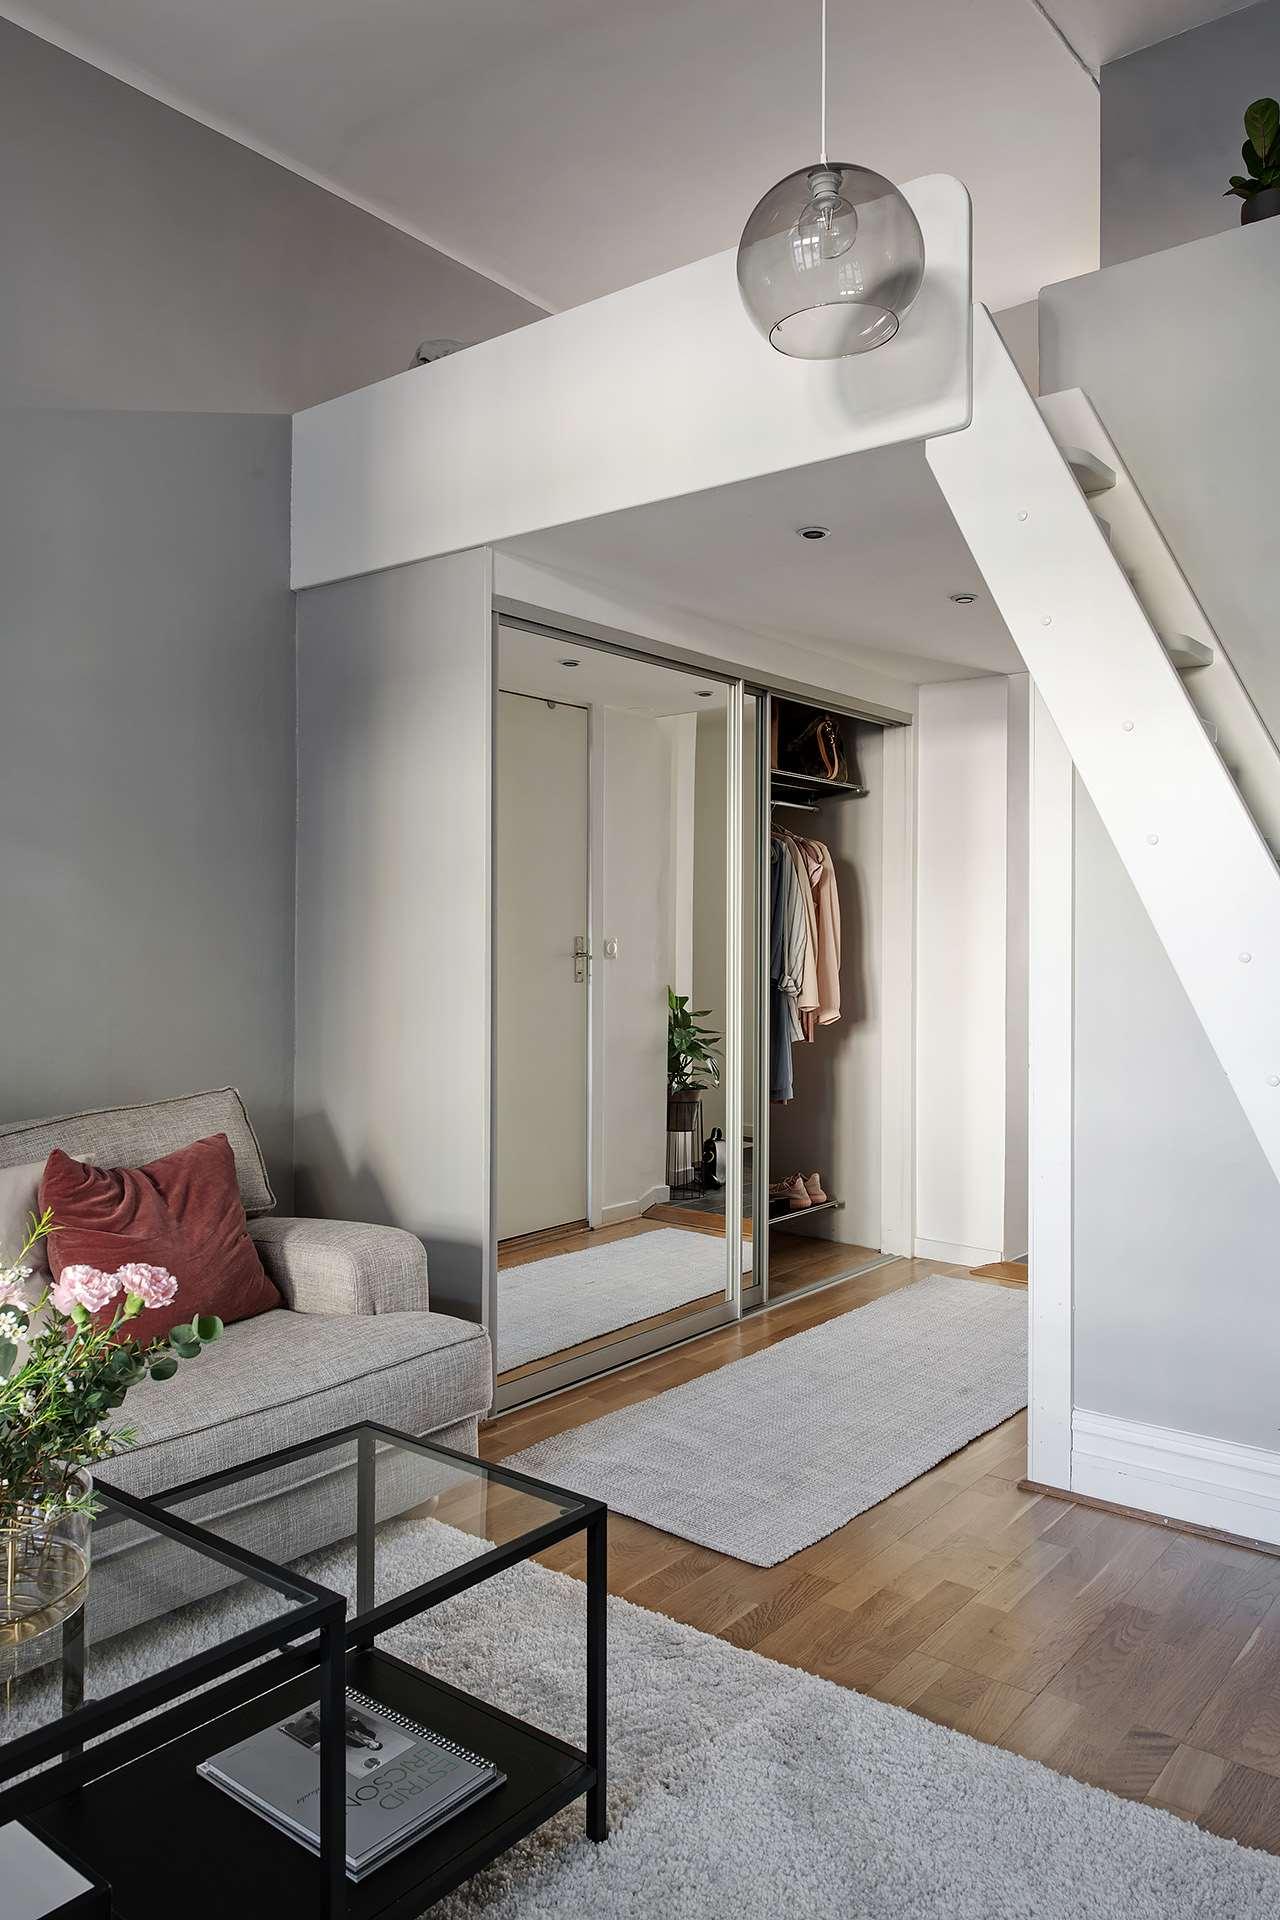 Idee de amenajare garsonieră cu dormitor deasupra holului de la intrare 5